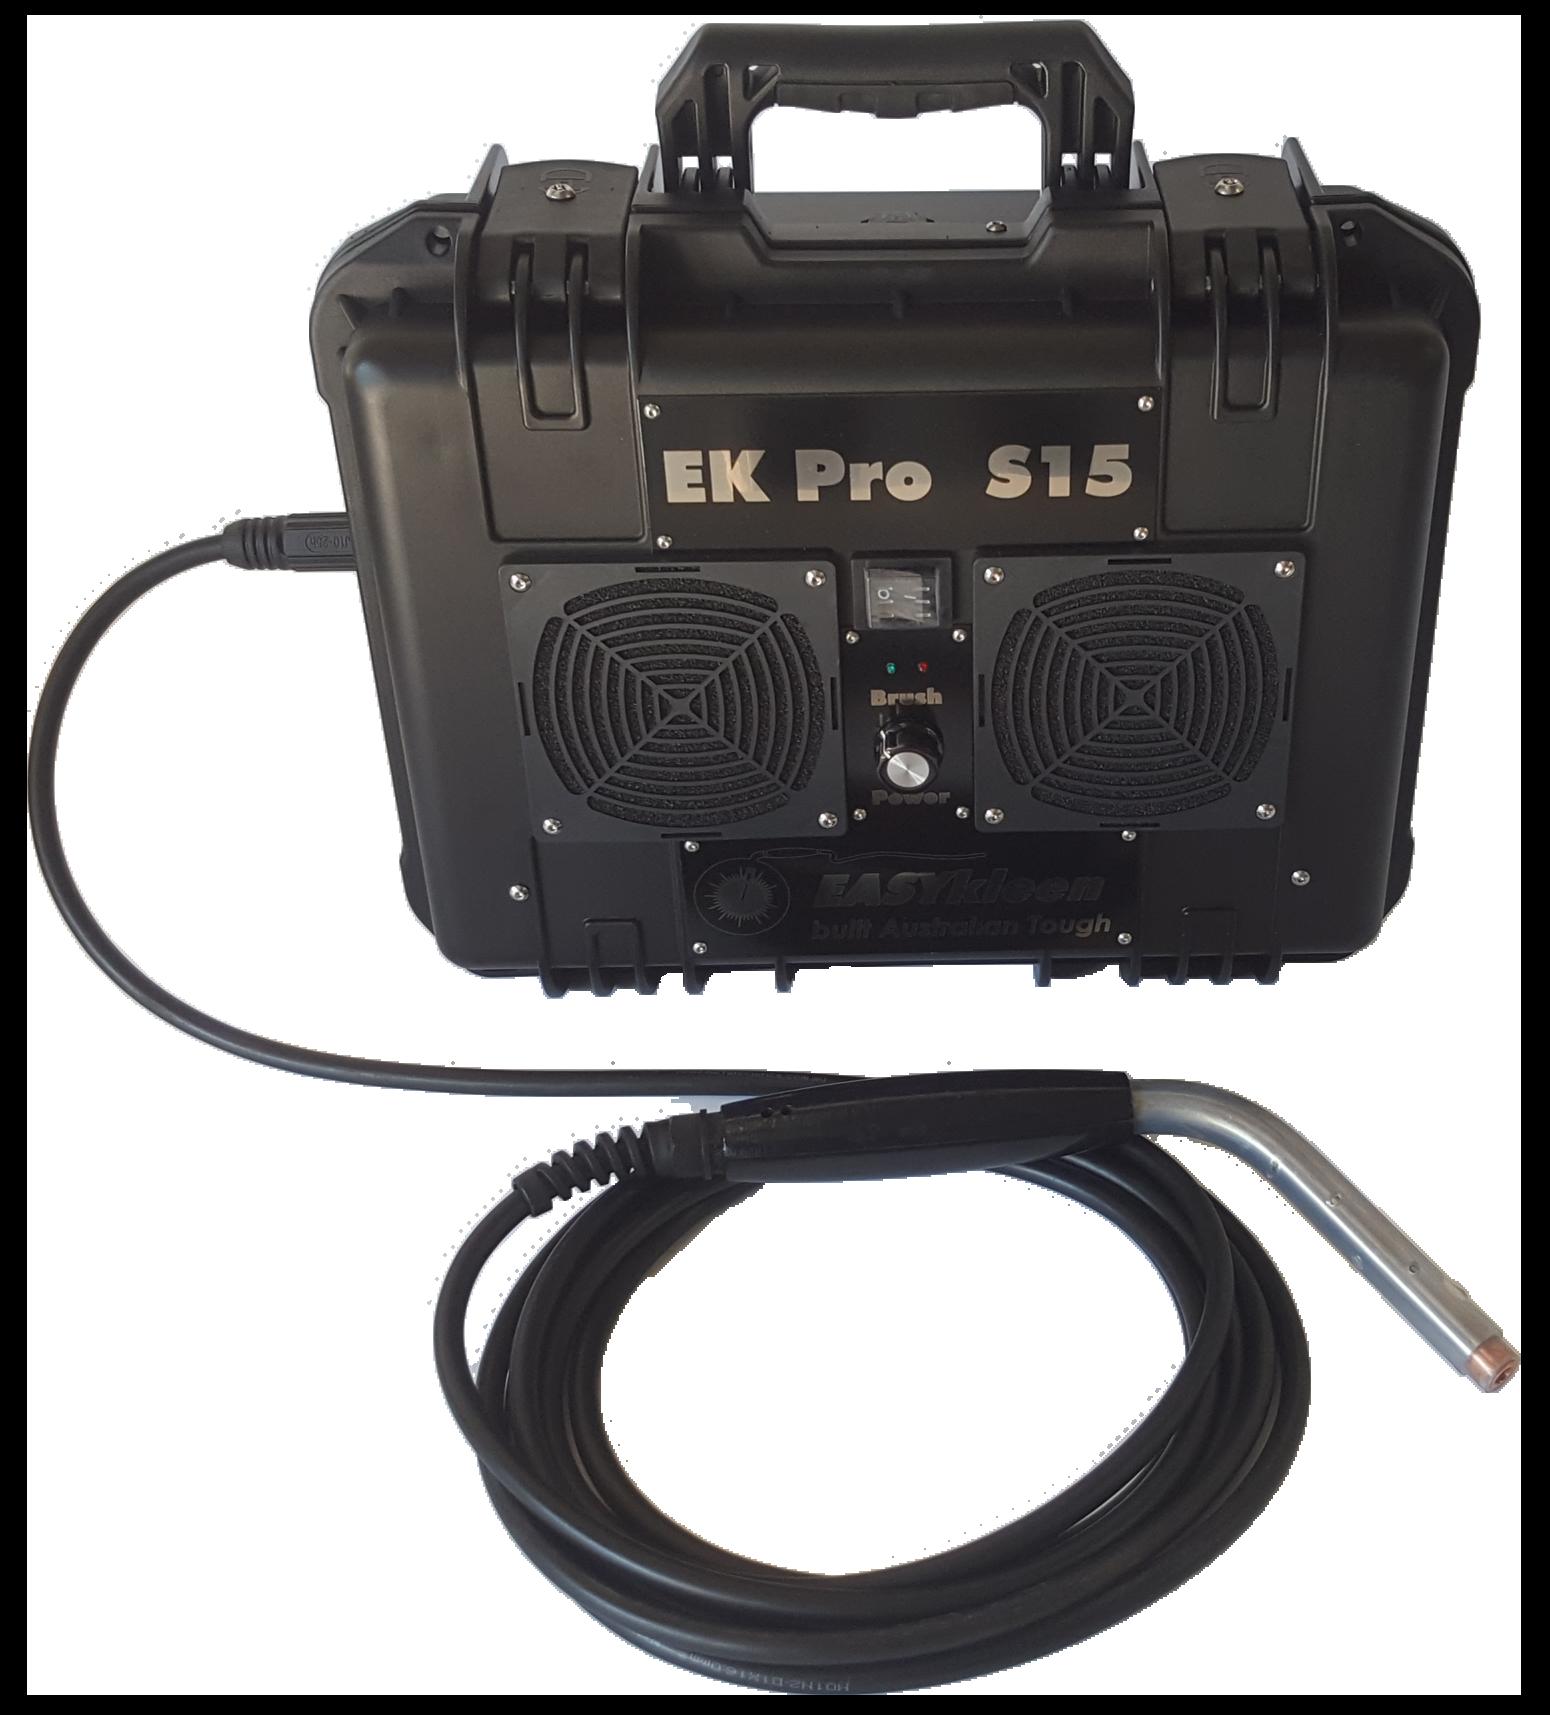 EKPS15-101 - EASYkleen Pro S-15